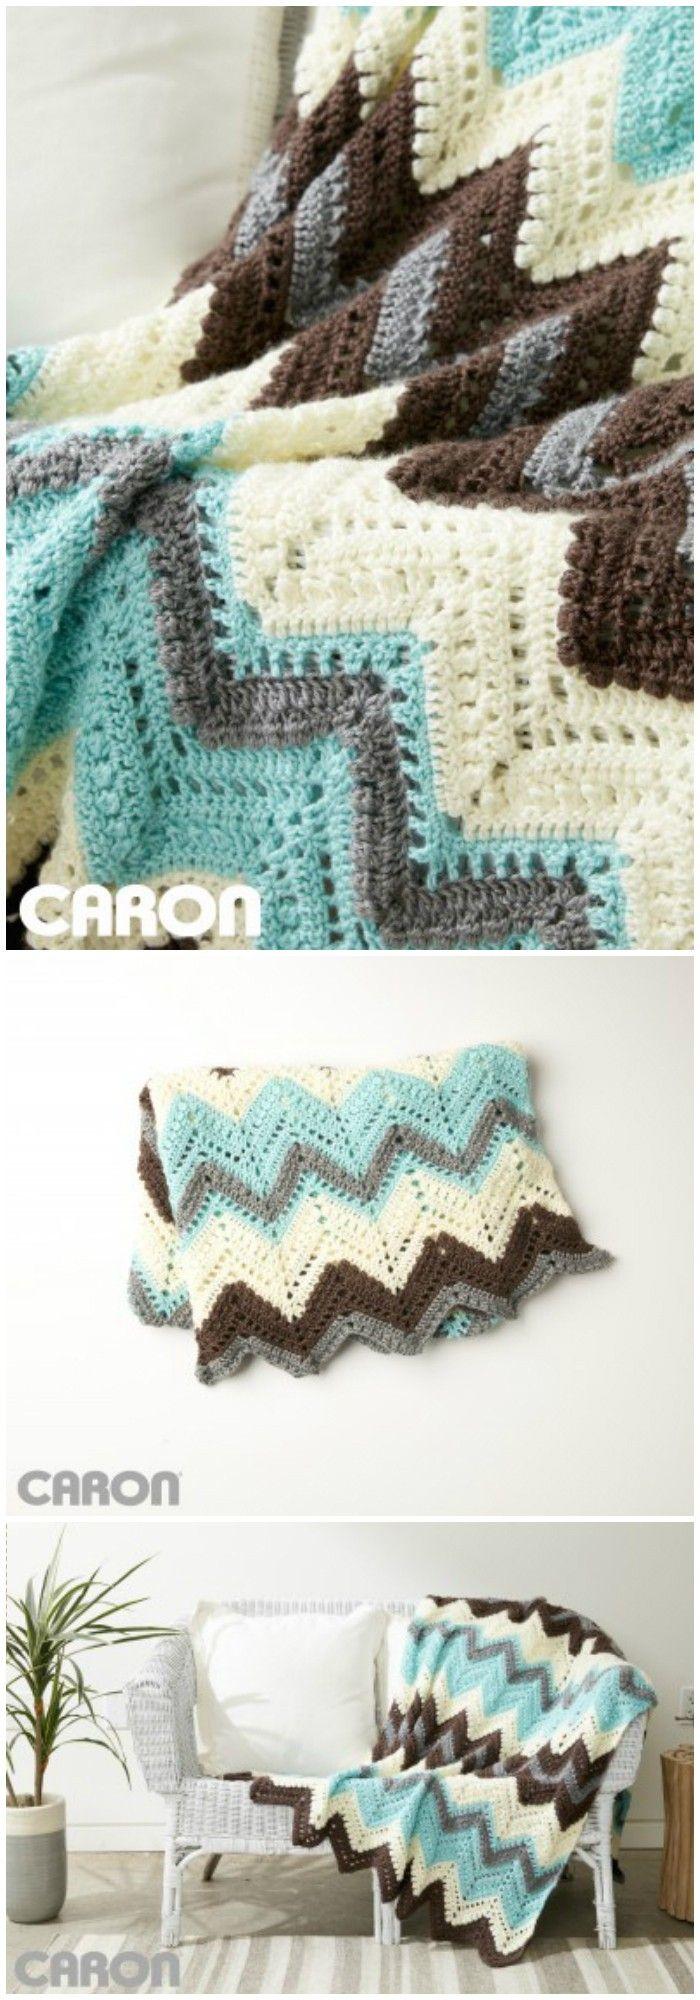 283 best Crochet images on Pinterest   Crochet blankets, Crochet ...